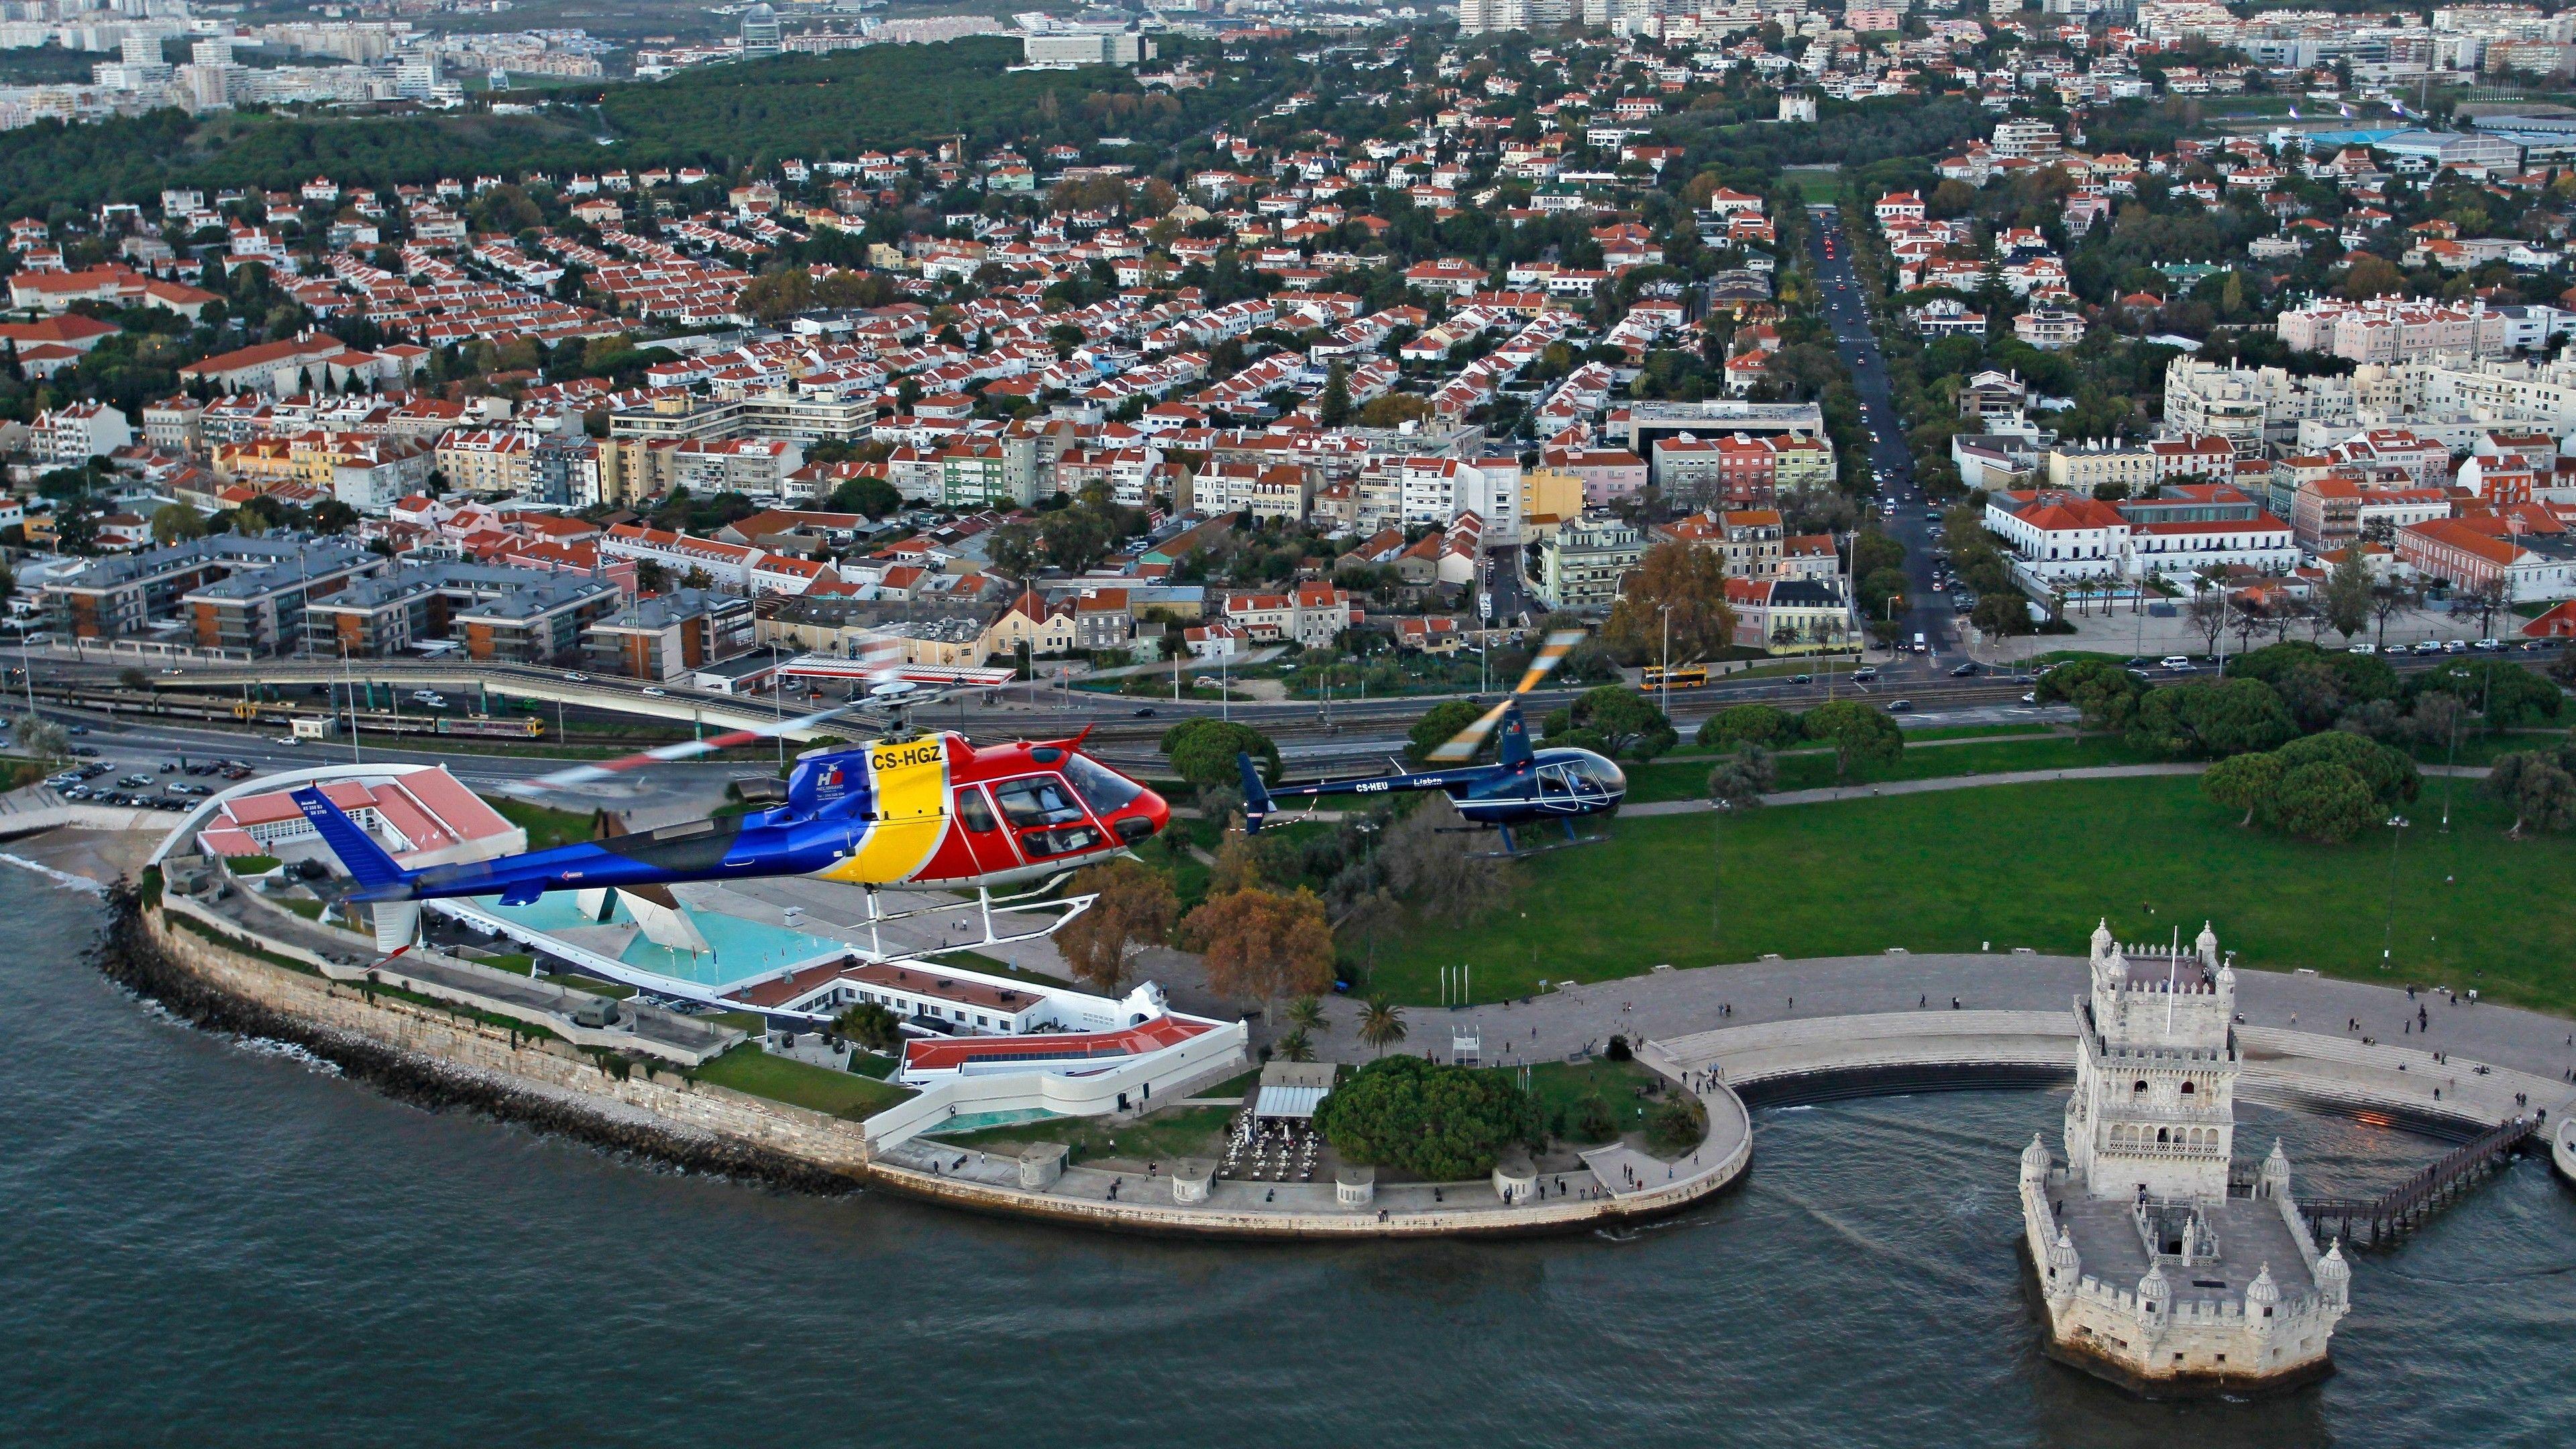 LisbonHelicopters_103_AndreGarcez_torrebelem.jpg